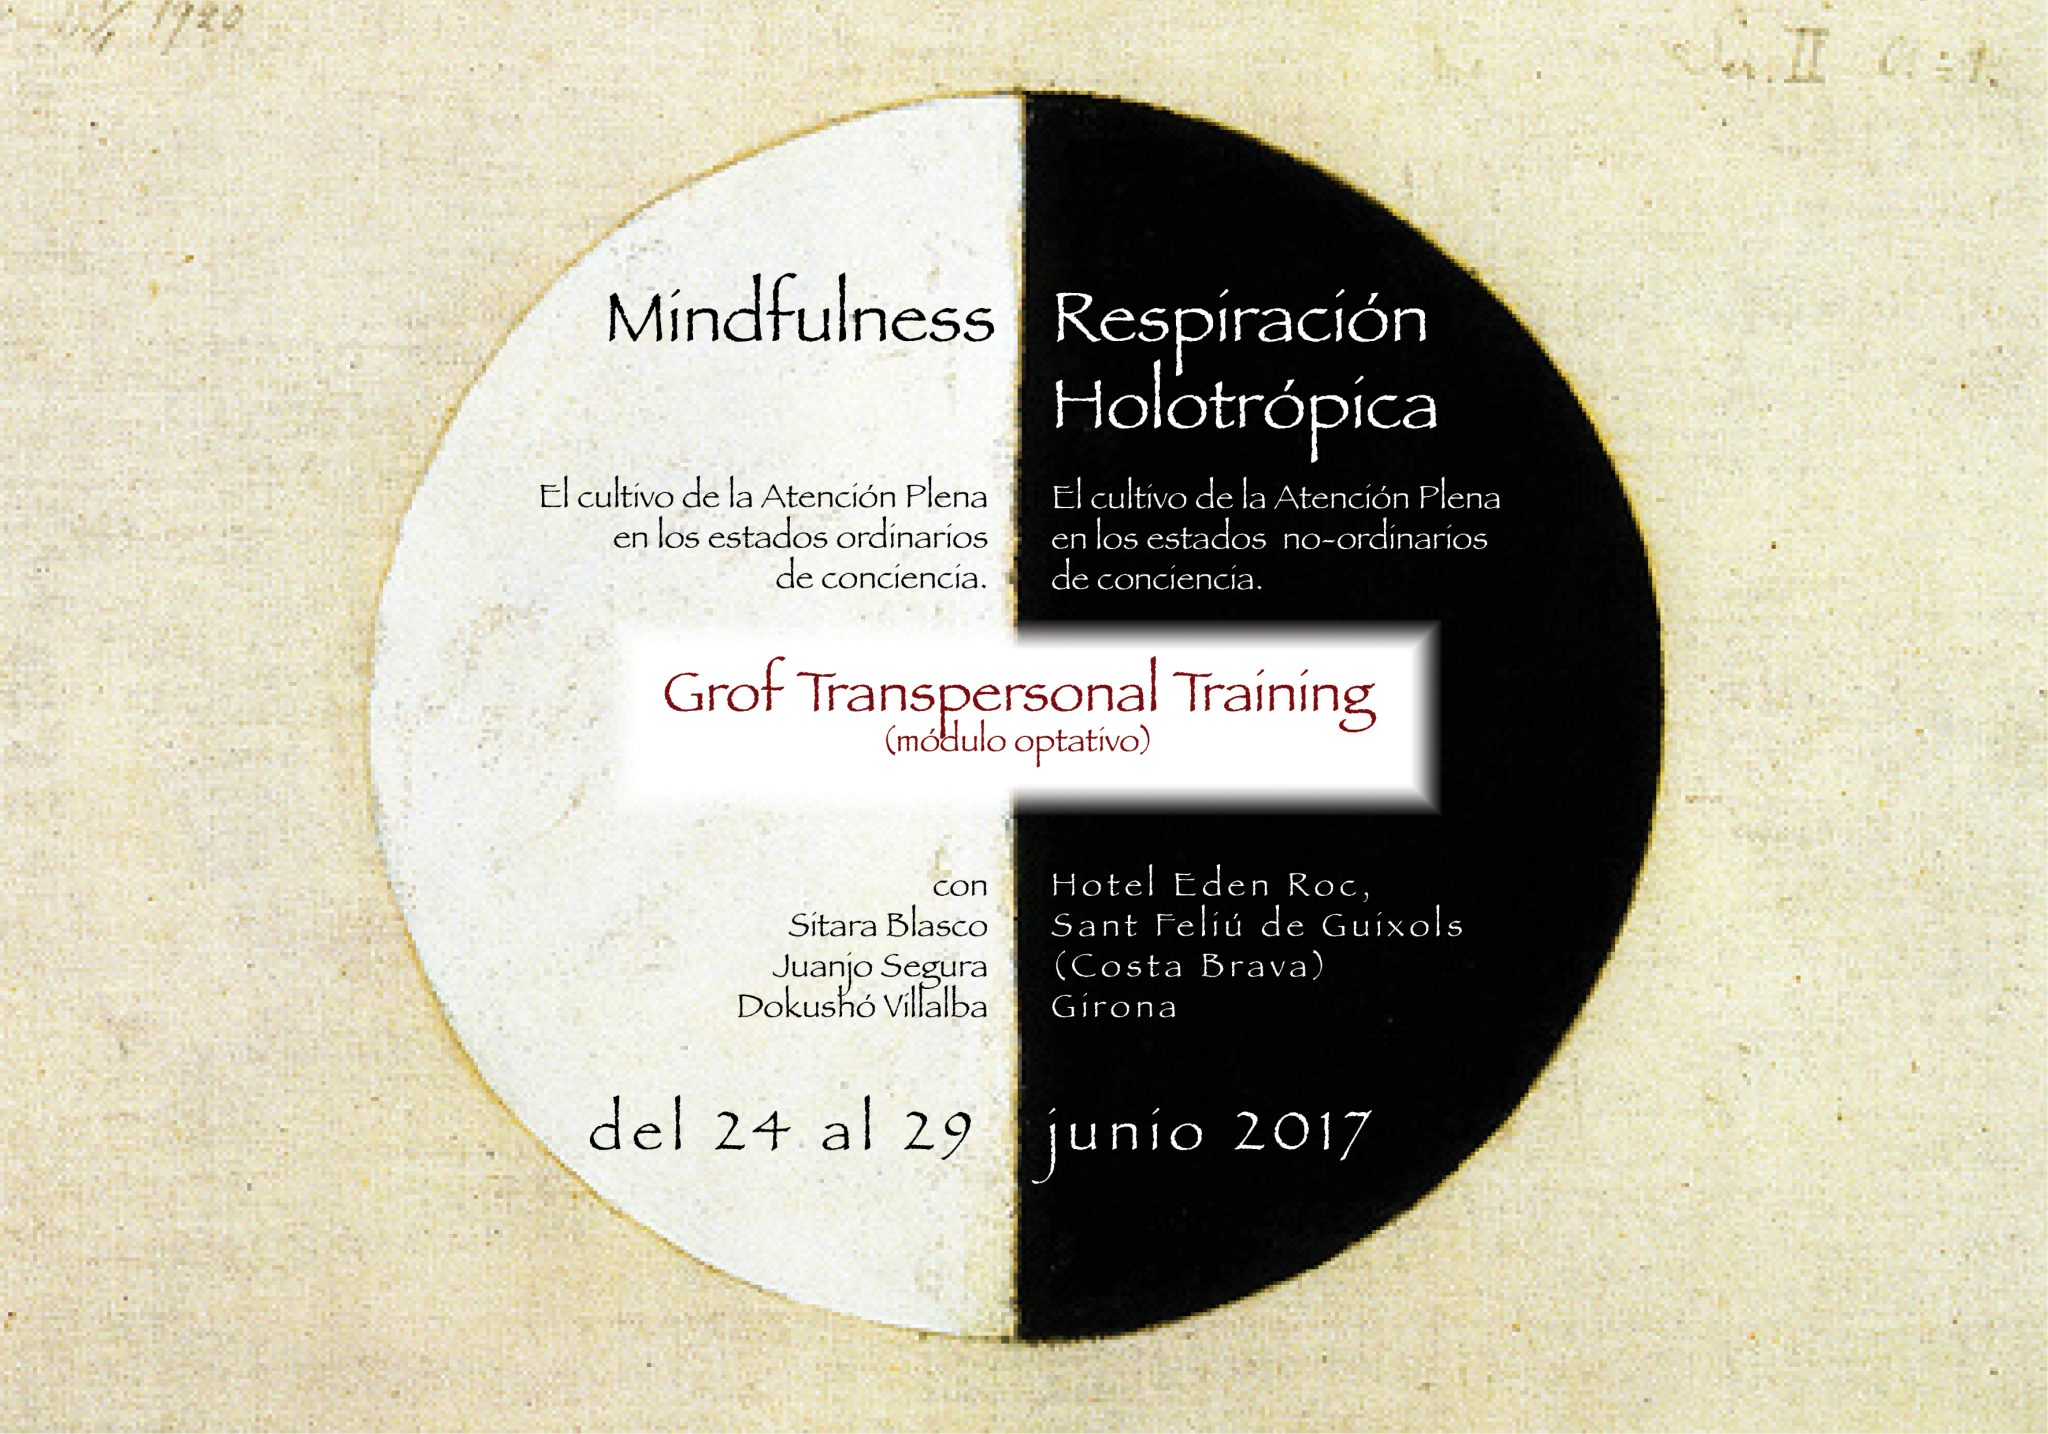 Taller «Mindfulness y Respiración Holotrópica»